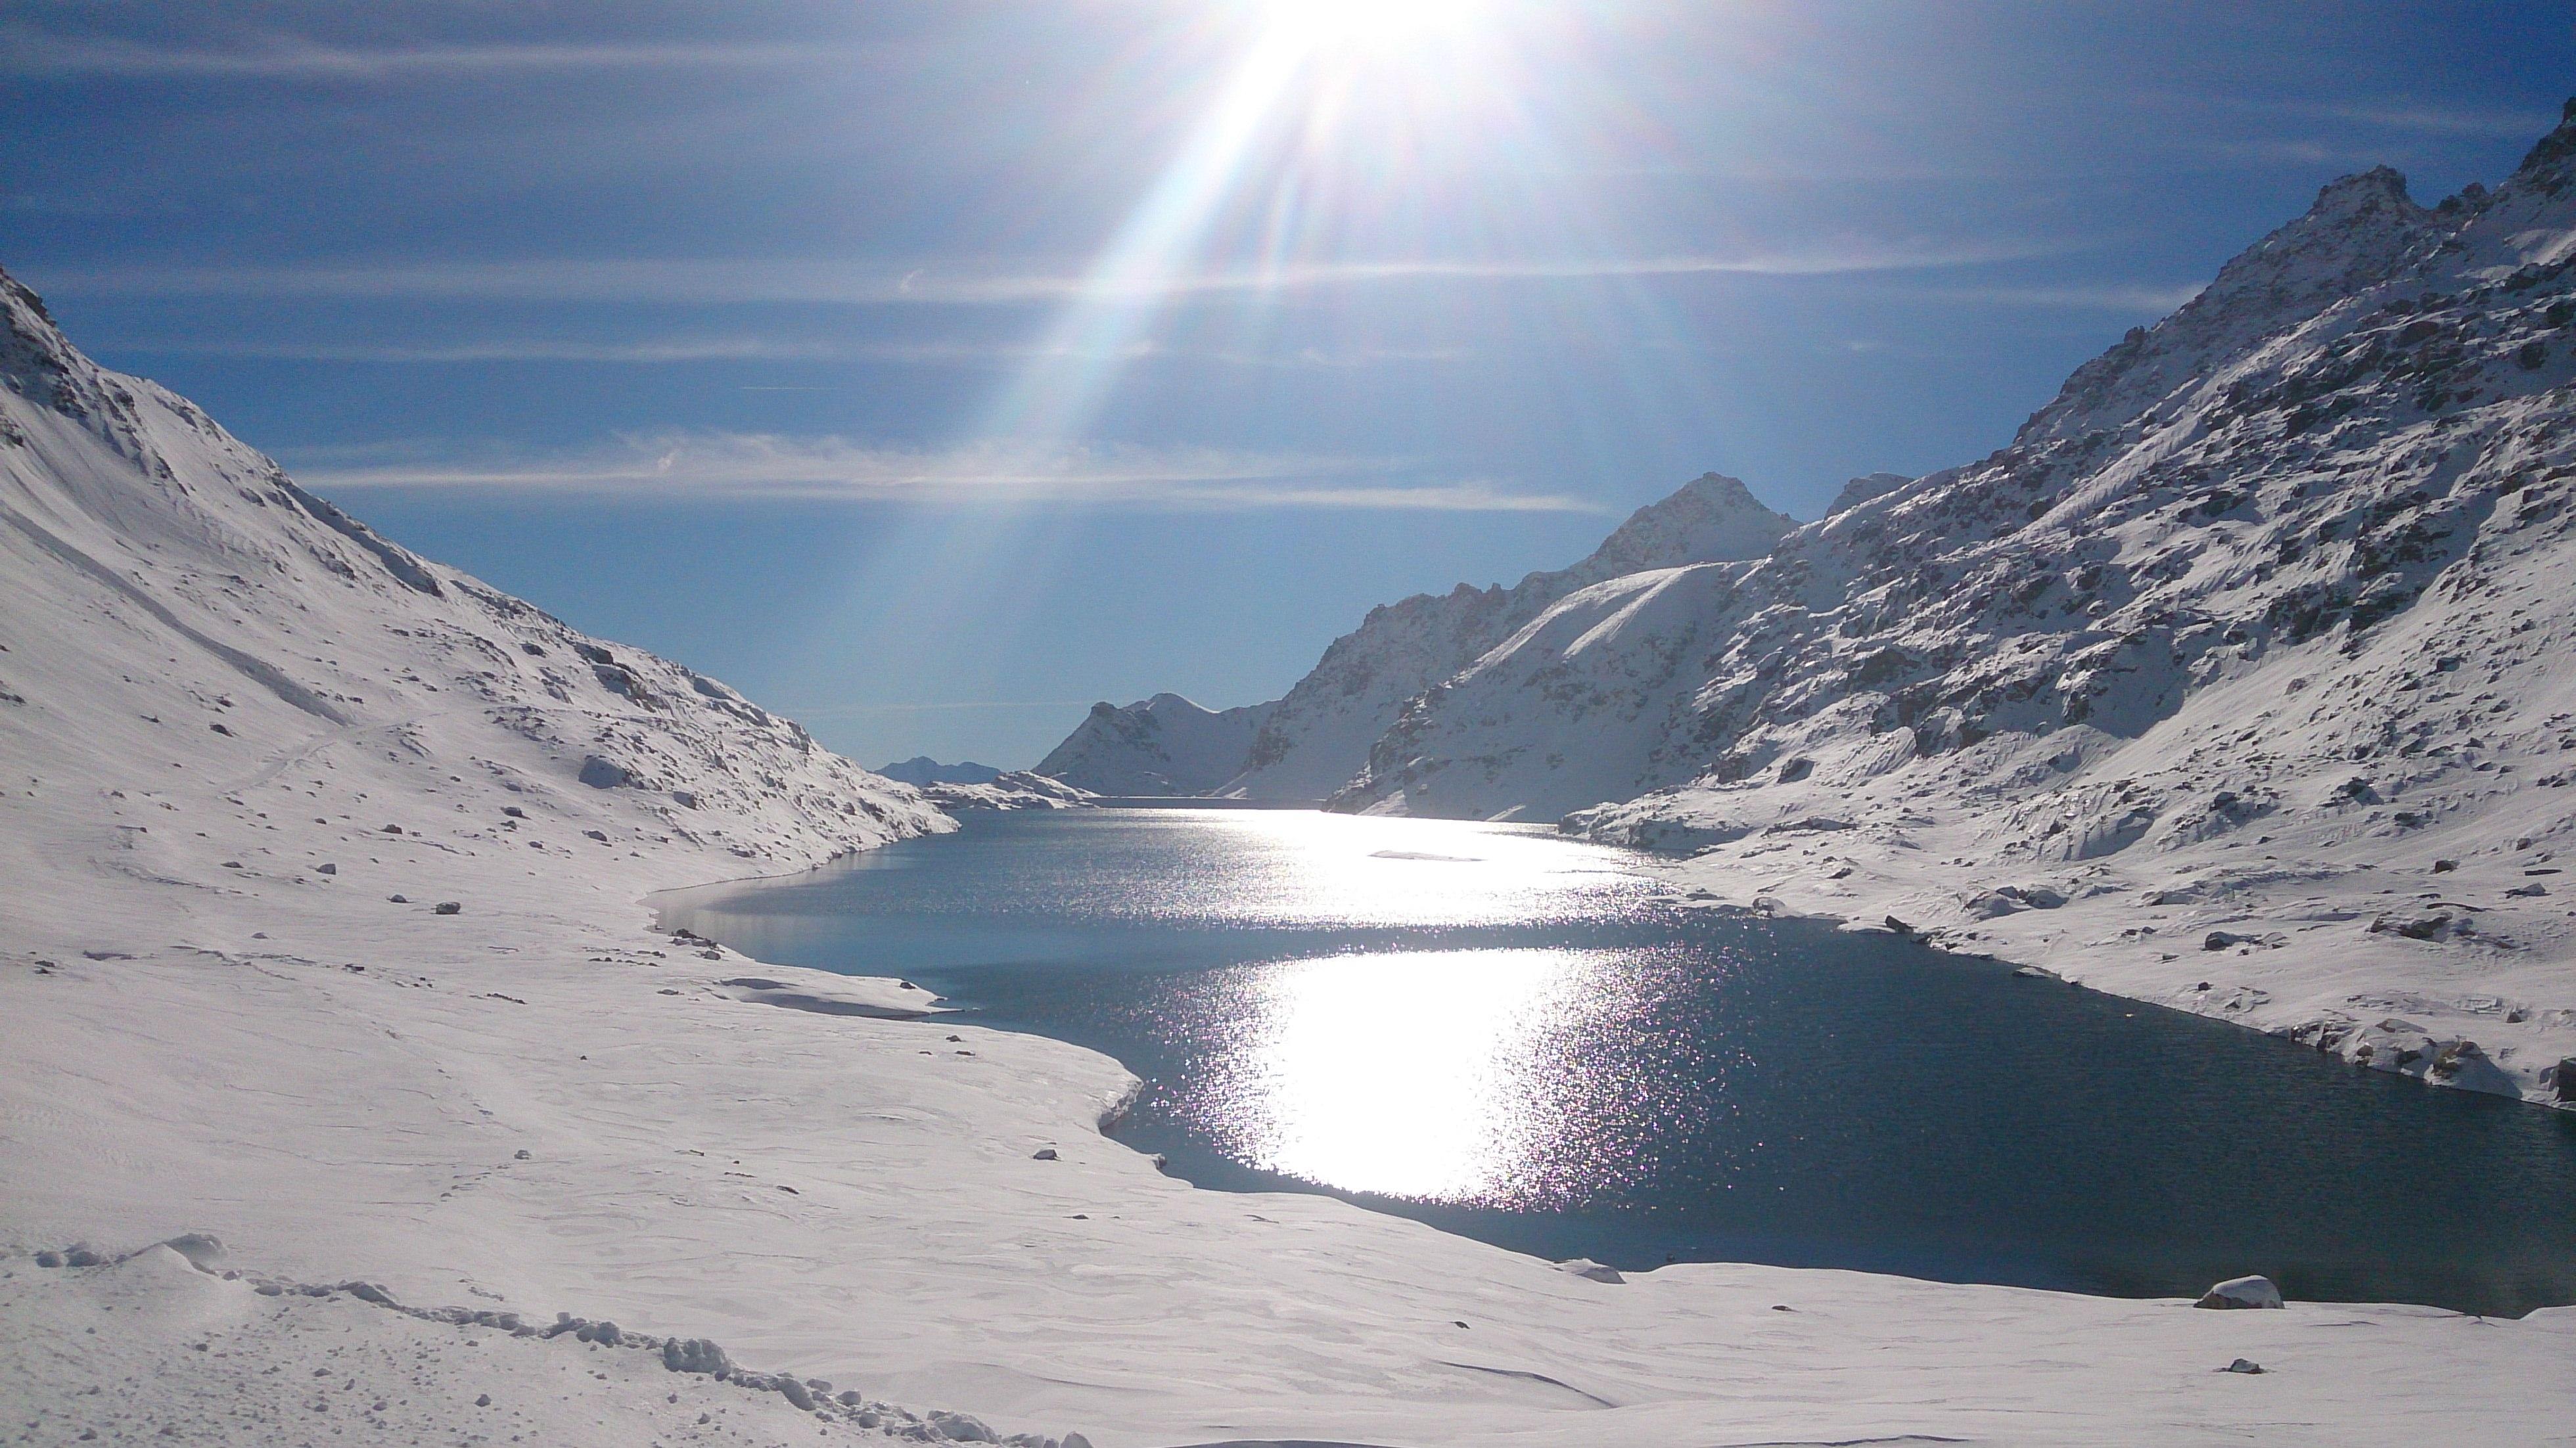 https://0501.nccdn.net/4_2/000/000/07d/95b/gletscher--7--3920x2204.jpg